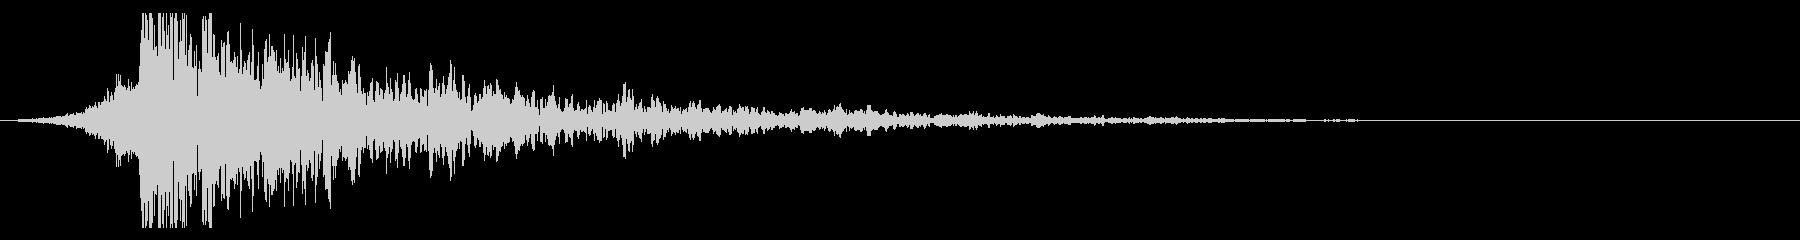 シュードーン-59-2(インパクト音)の未再生の波形